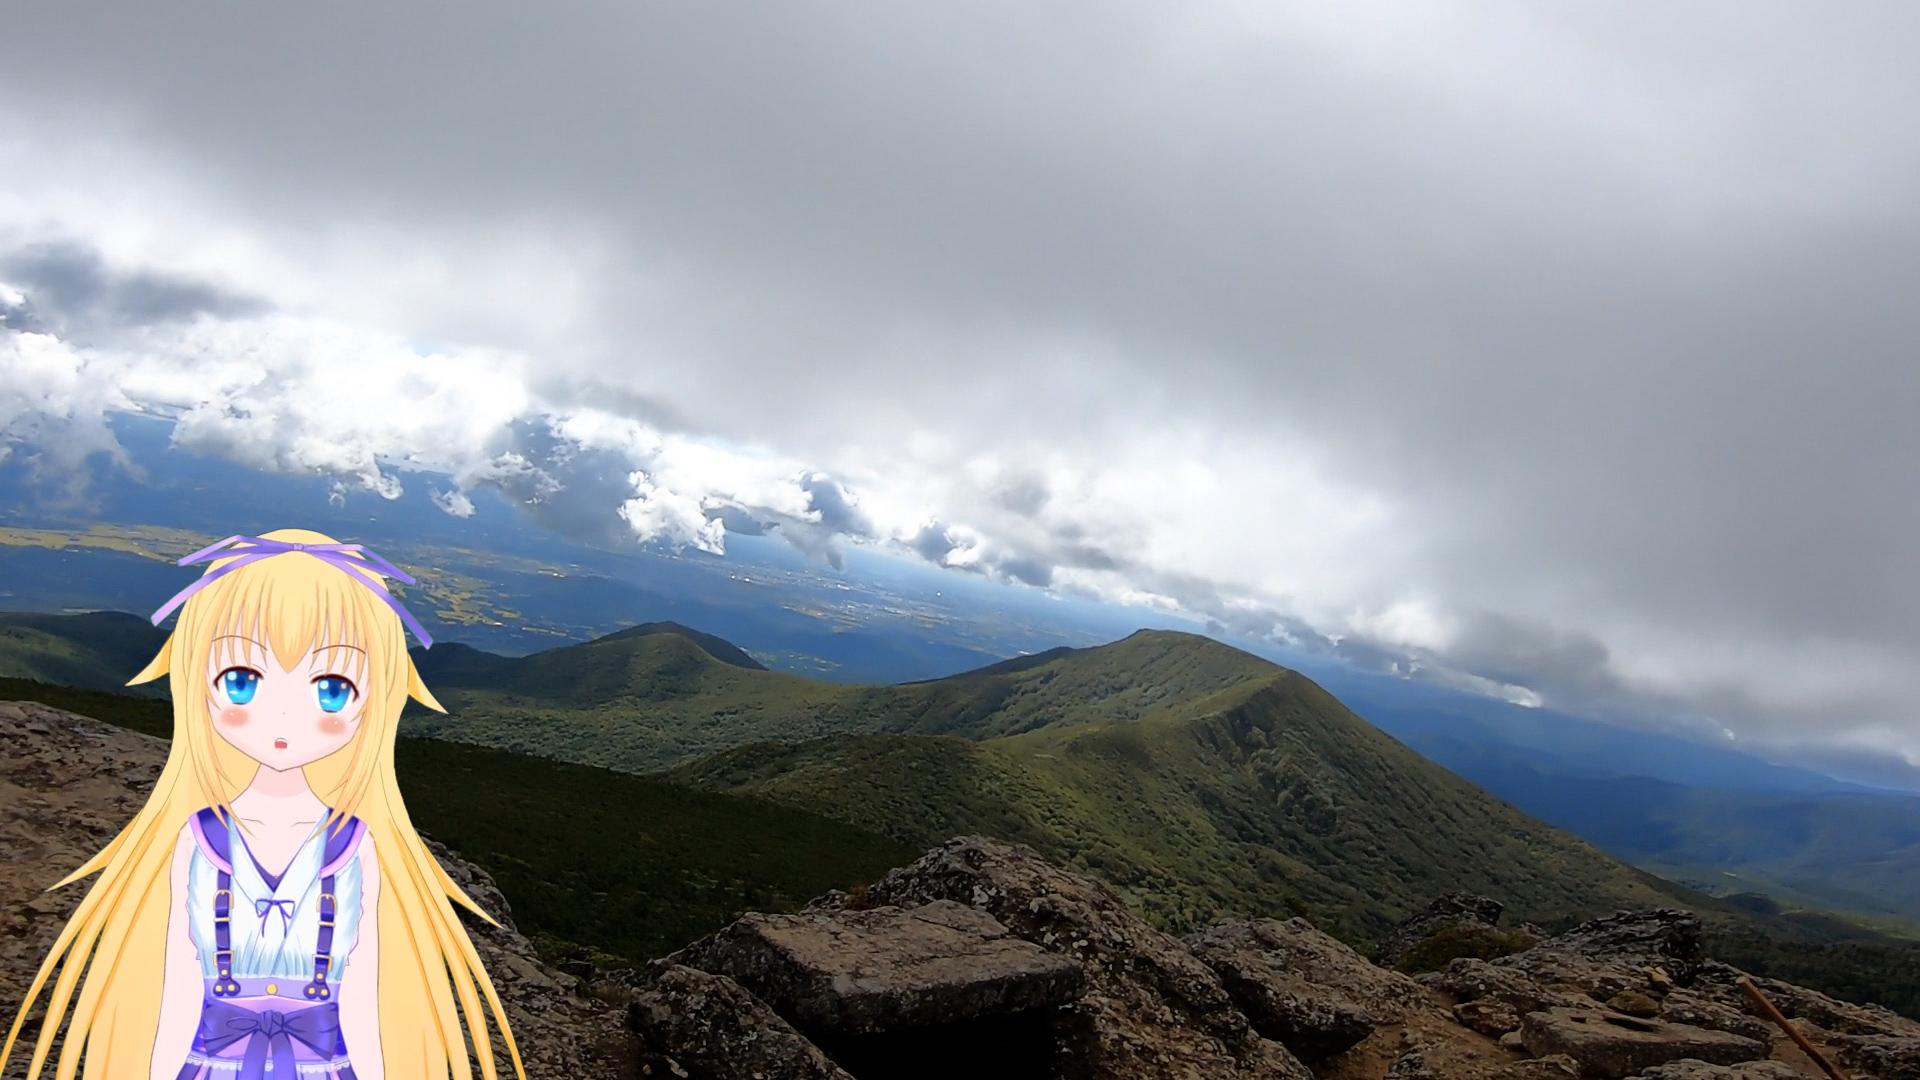 安達太良山山頂からの景色